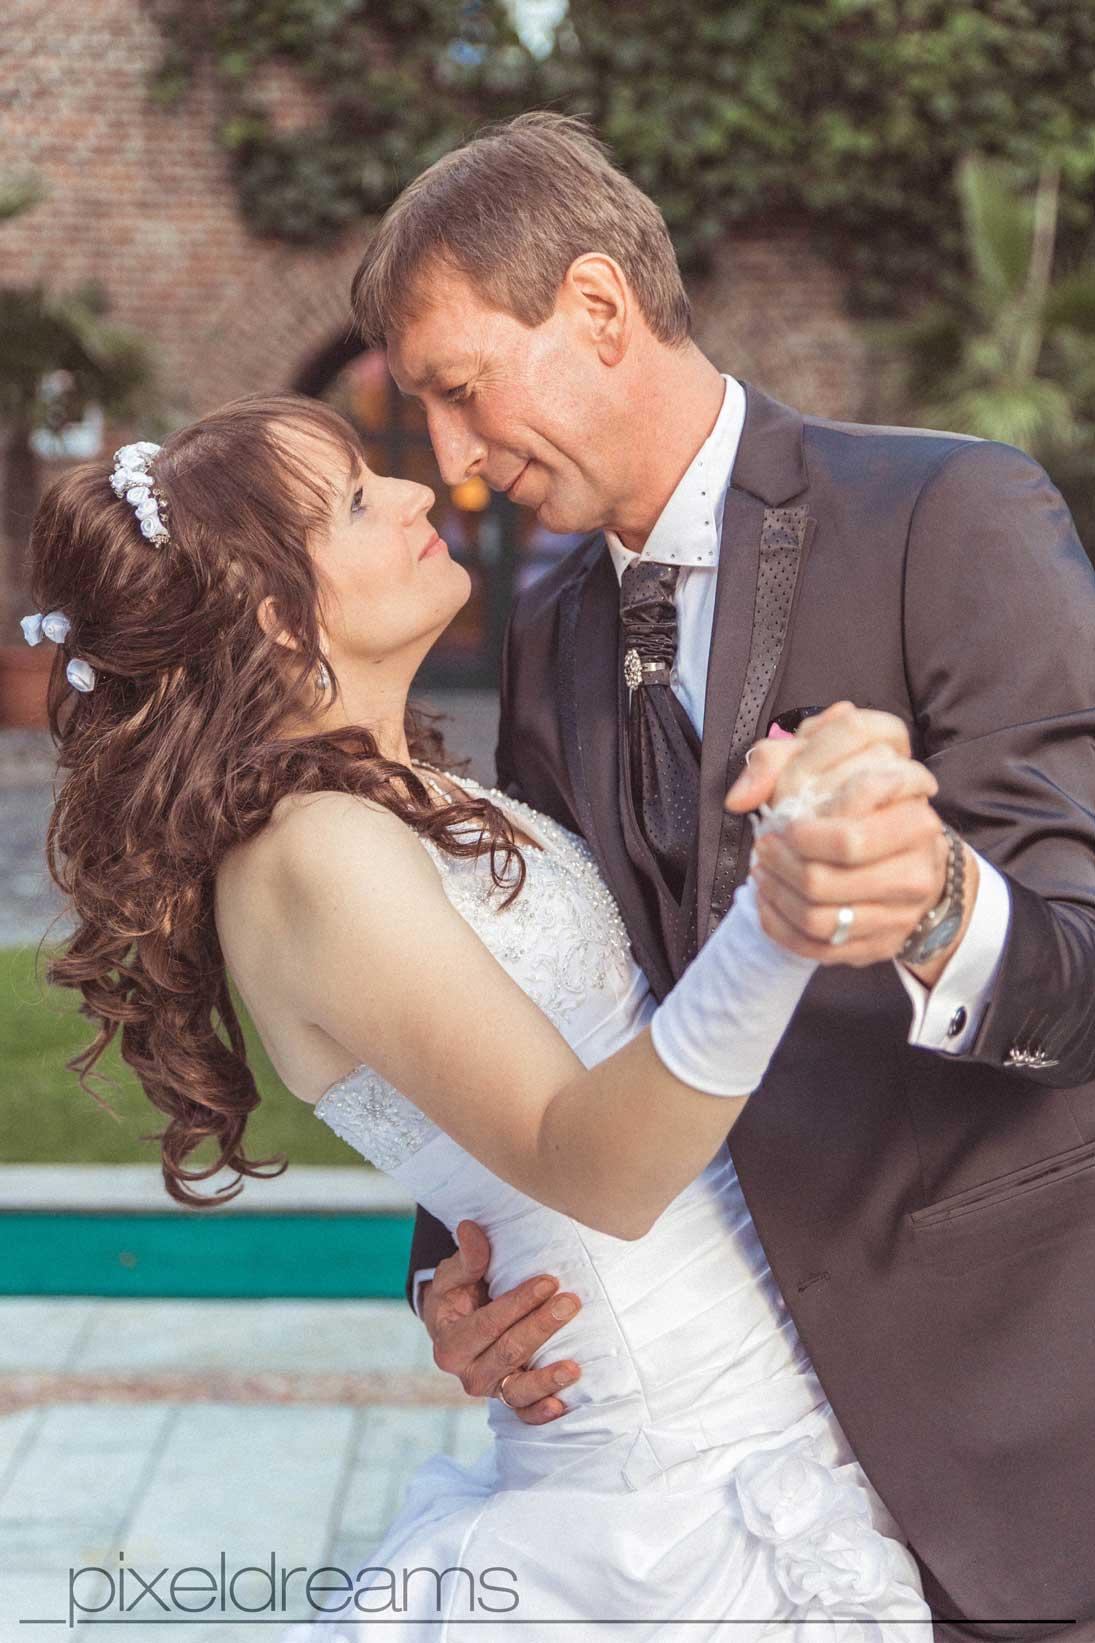 Das Brautpaar tanzt im Gutshof während der Hochzeitsfotograf sie dabei fotografiert.